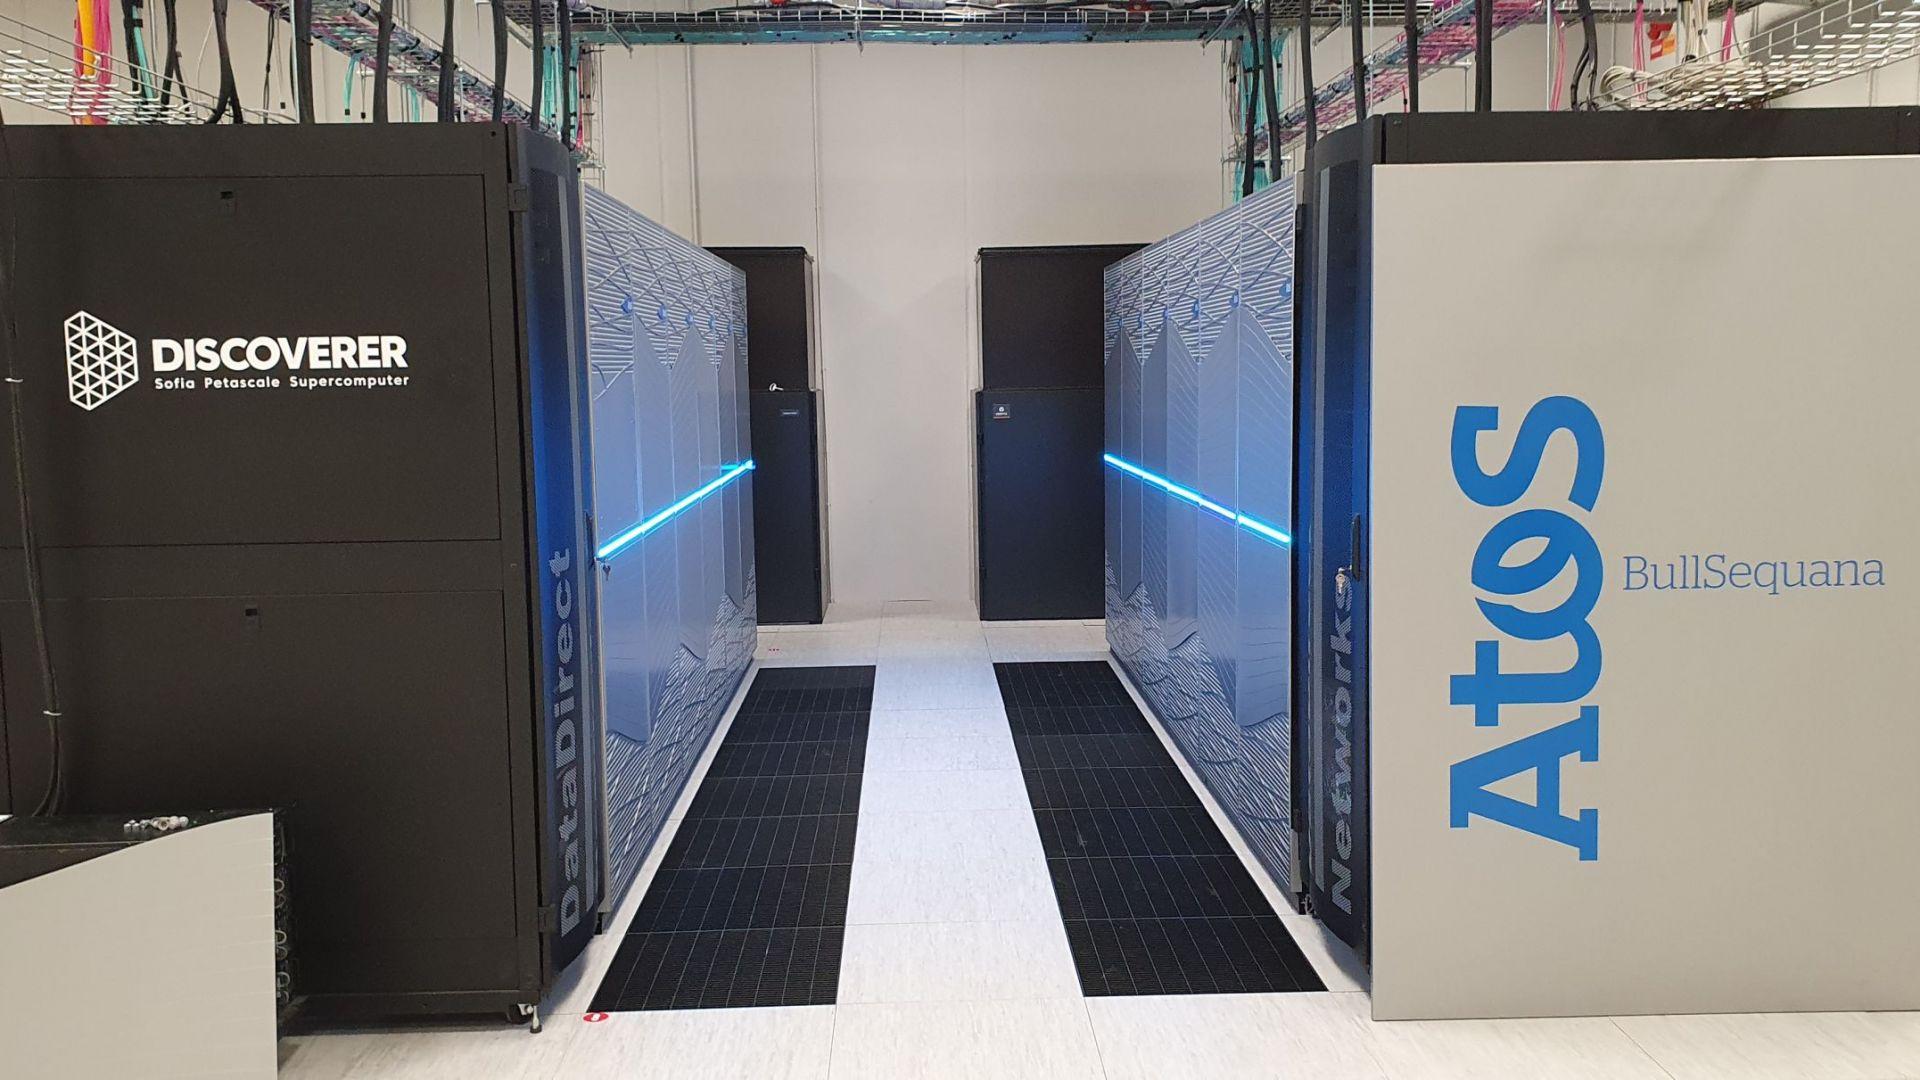 Българският суперкомпютър е кандидат за юнския Топ 500